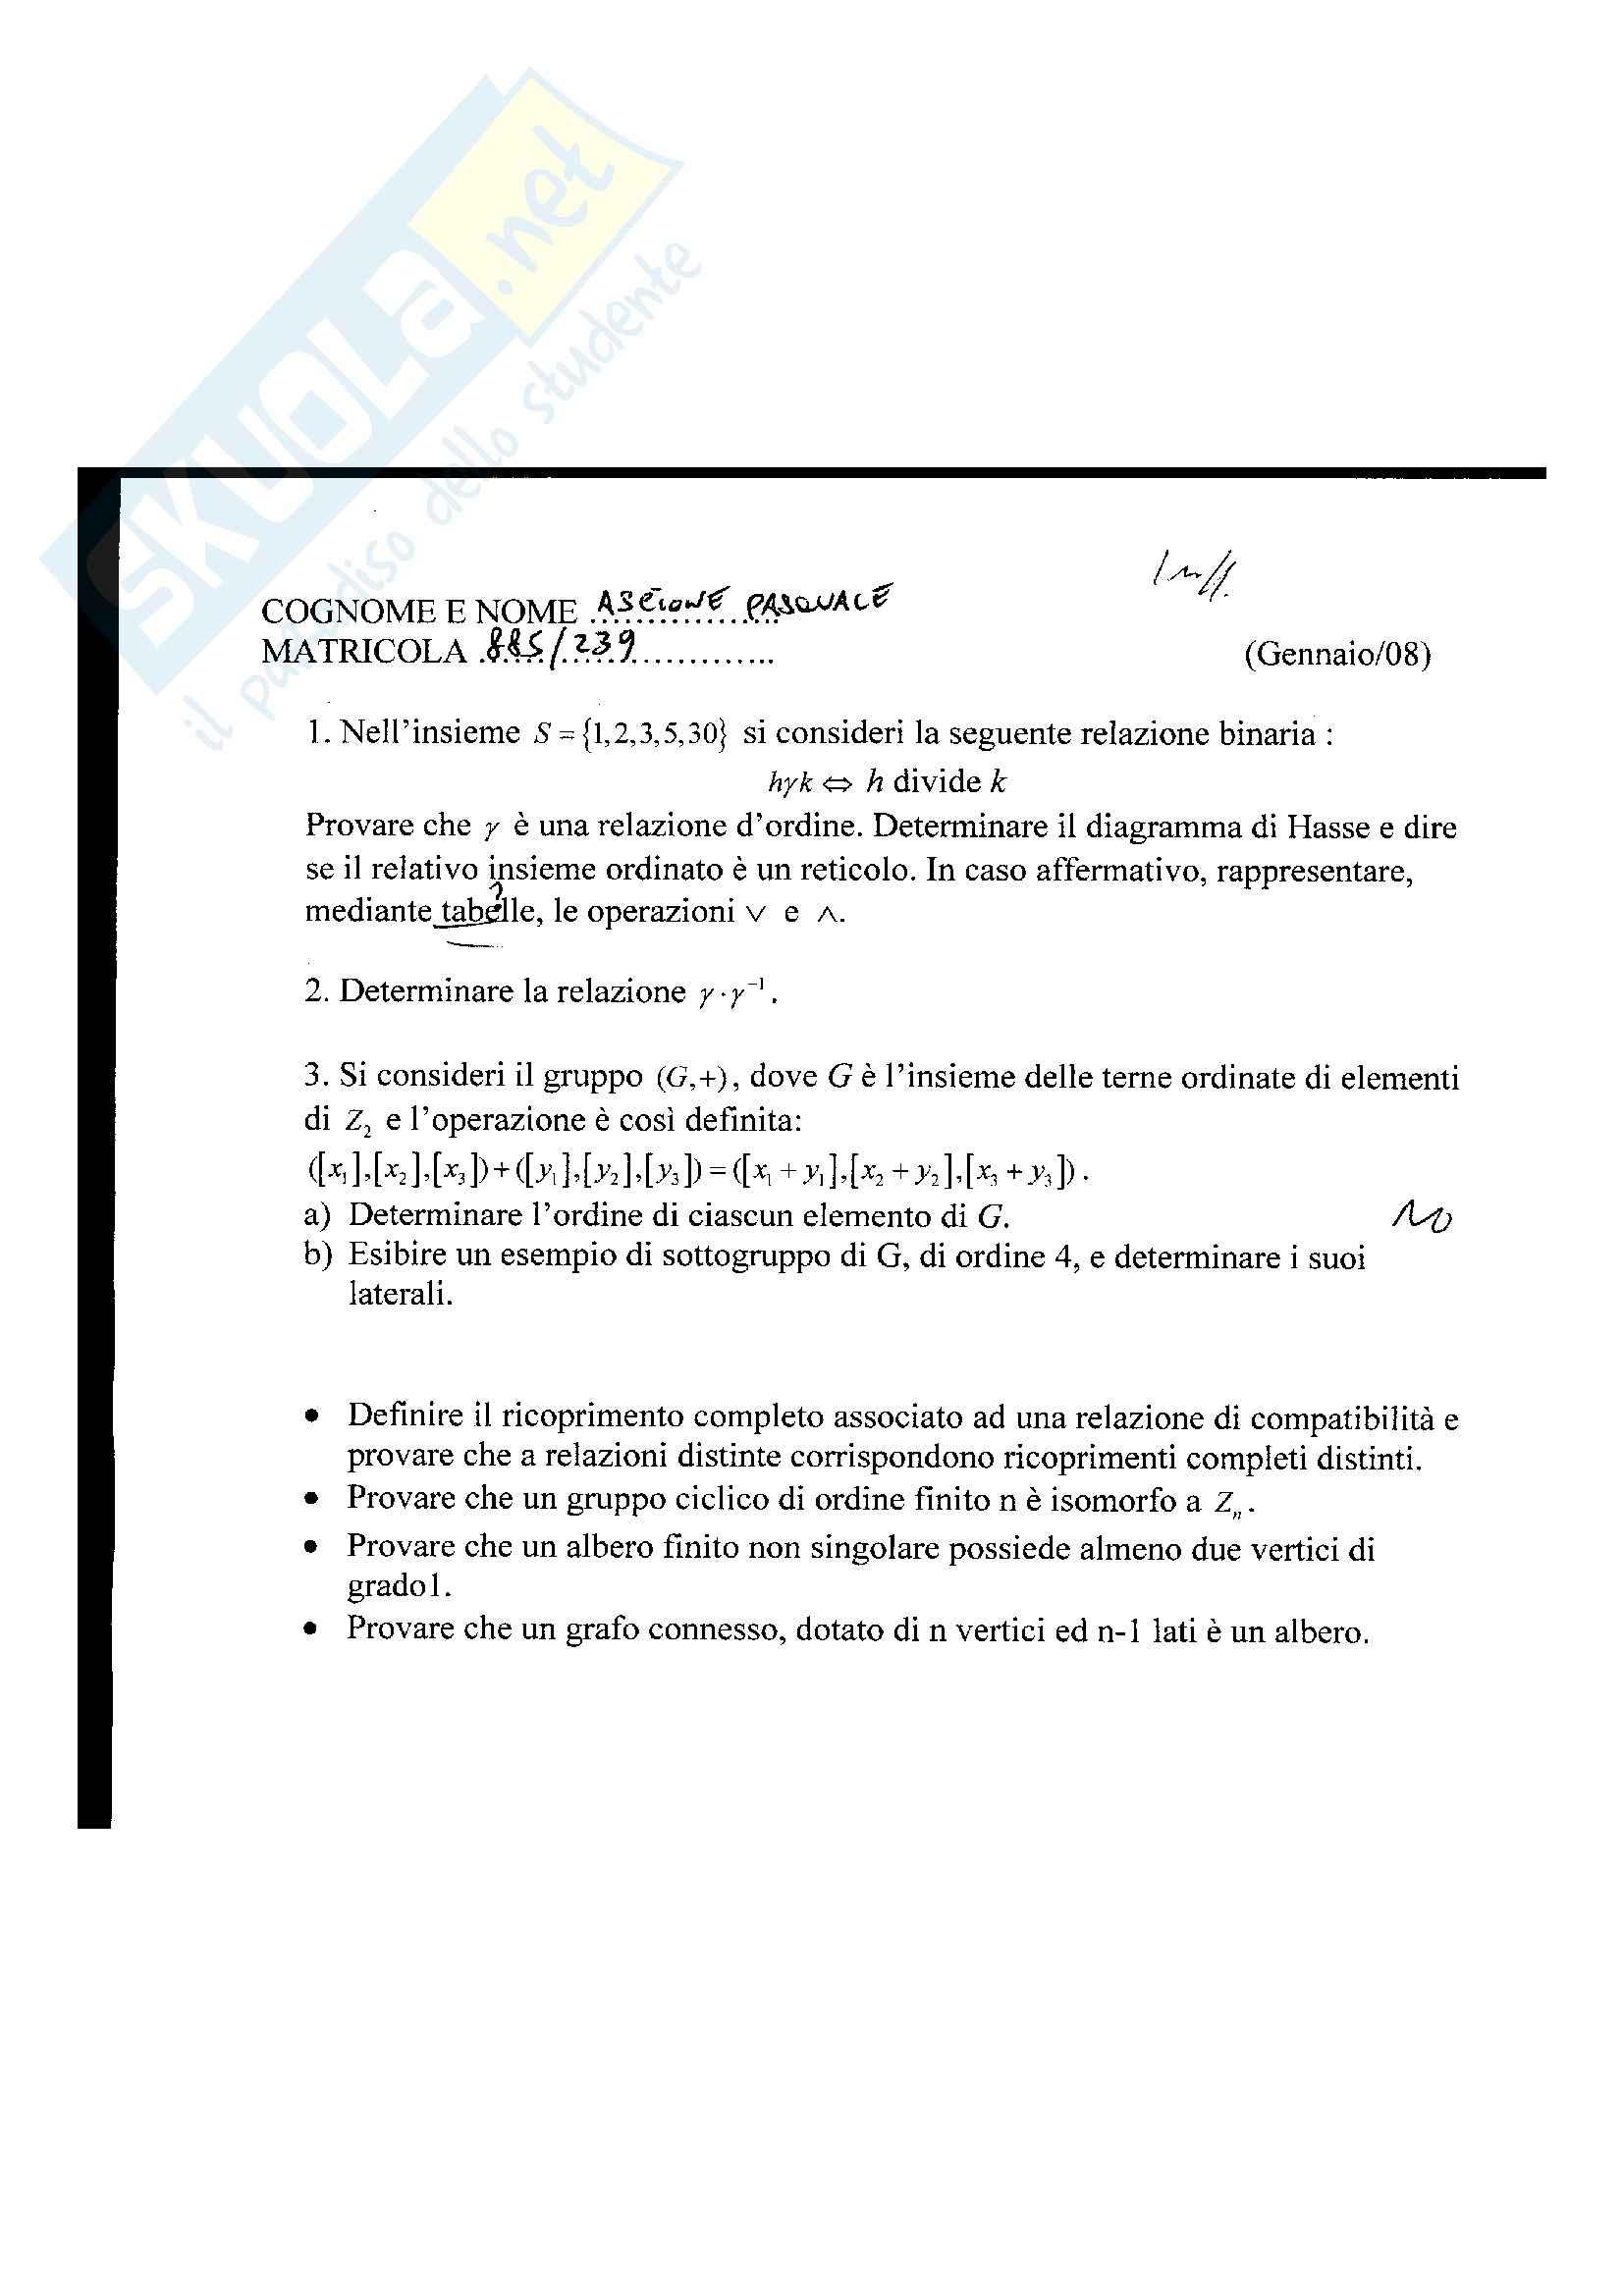 Strutture geometriche e algebriche - esercizi